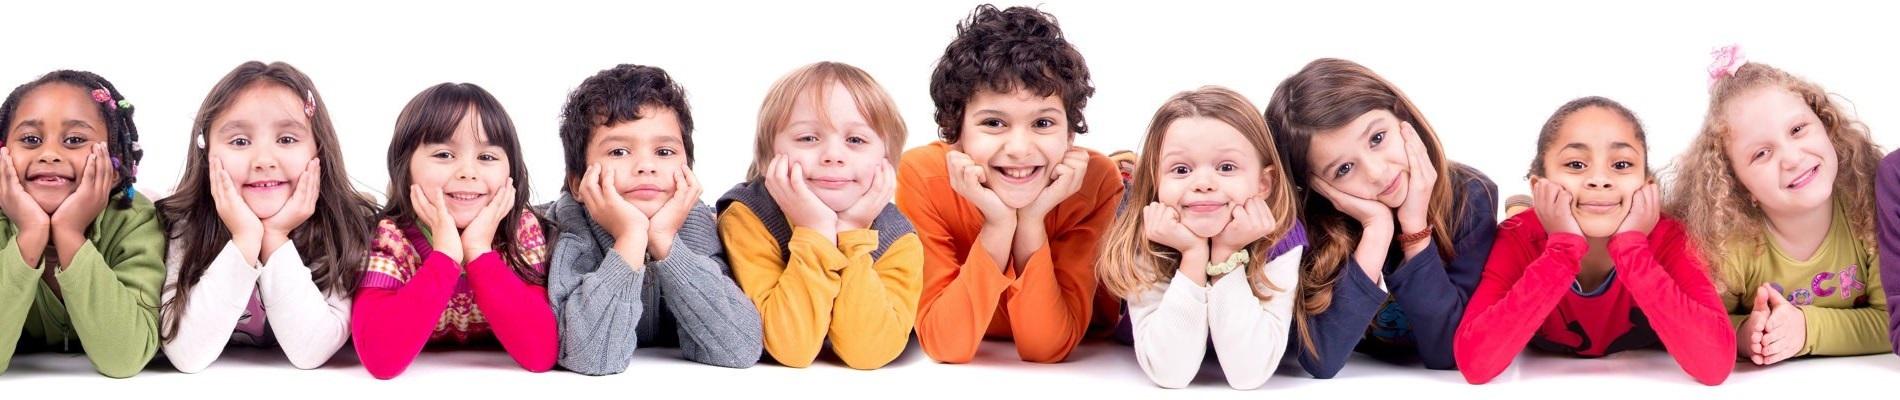 بهترین کشورهای جهان برای بزرگ کردن بچهها کدامند؟+رتبه ایران